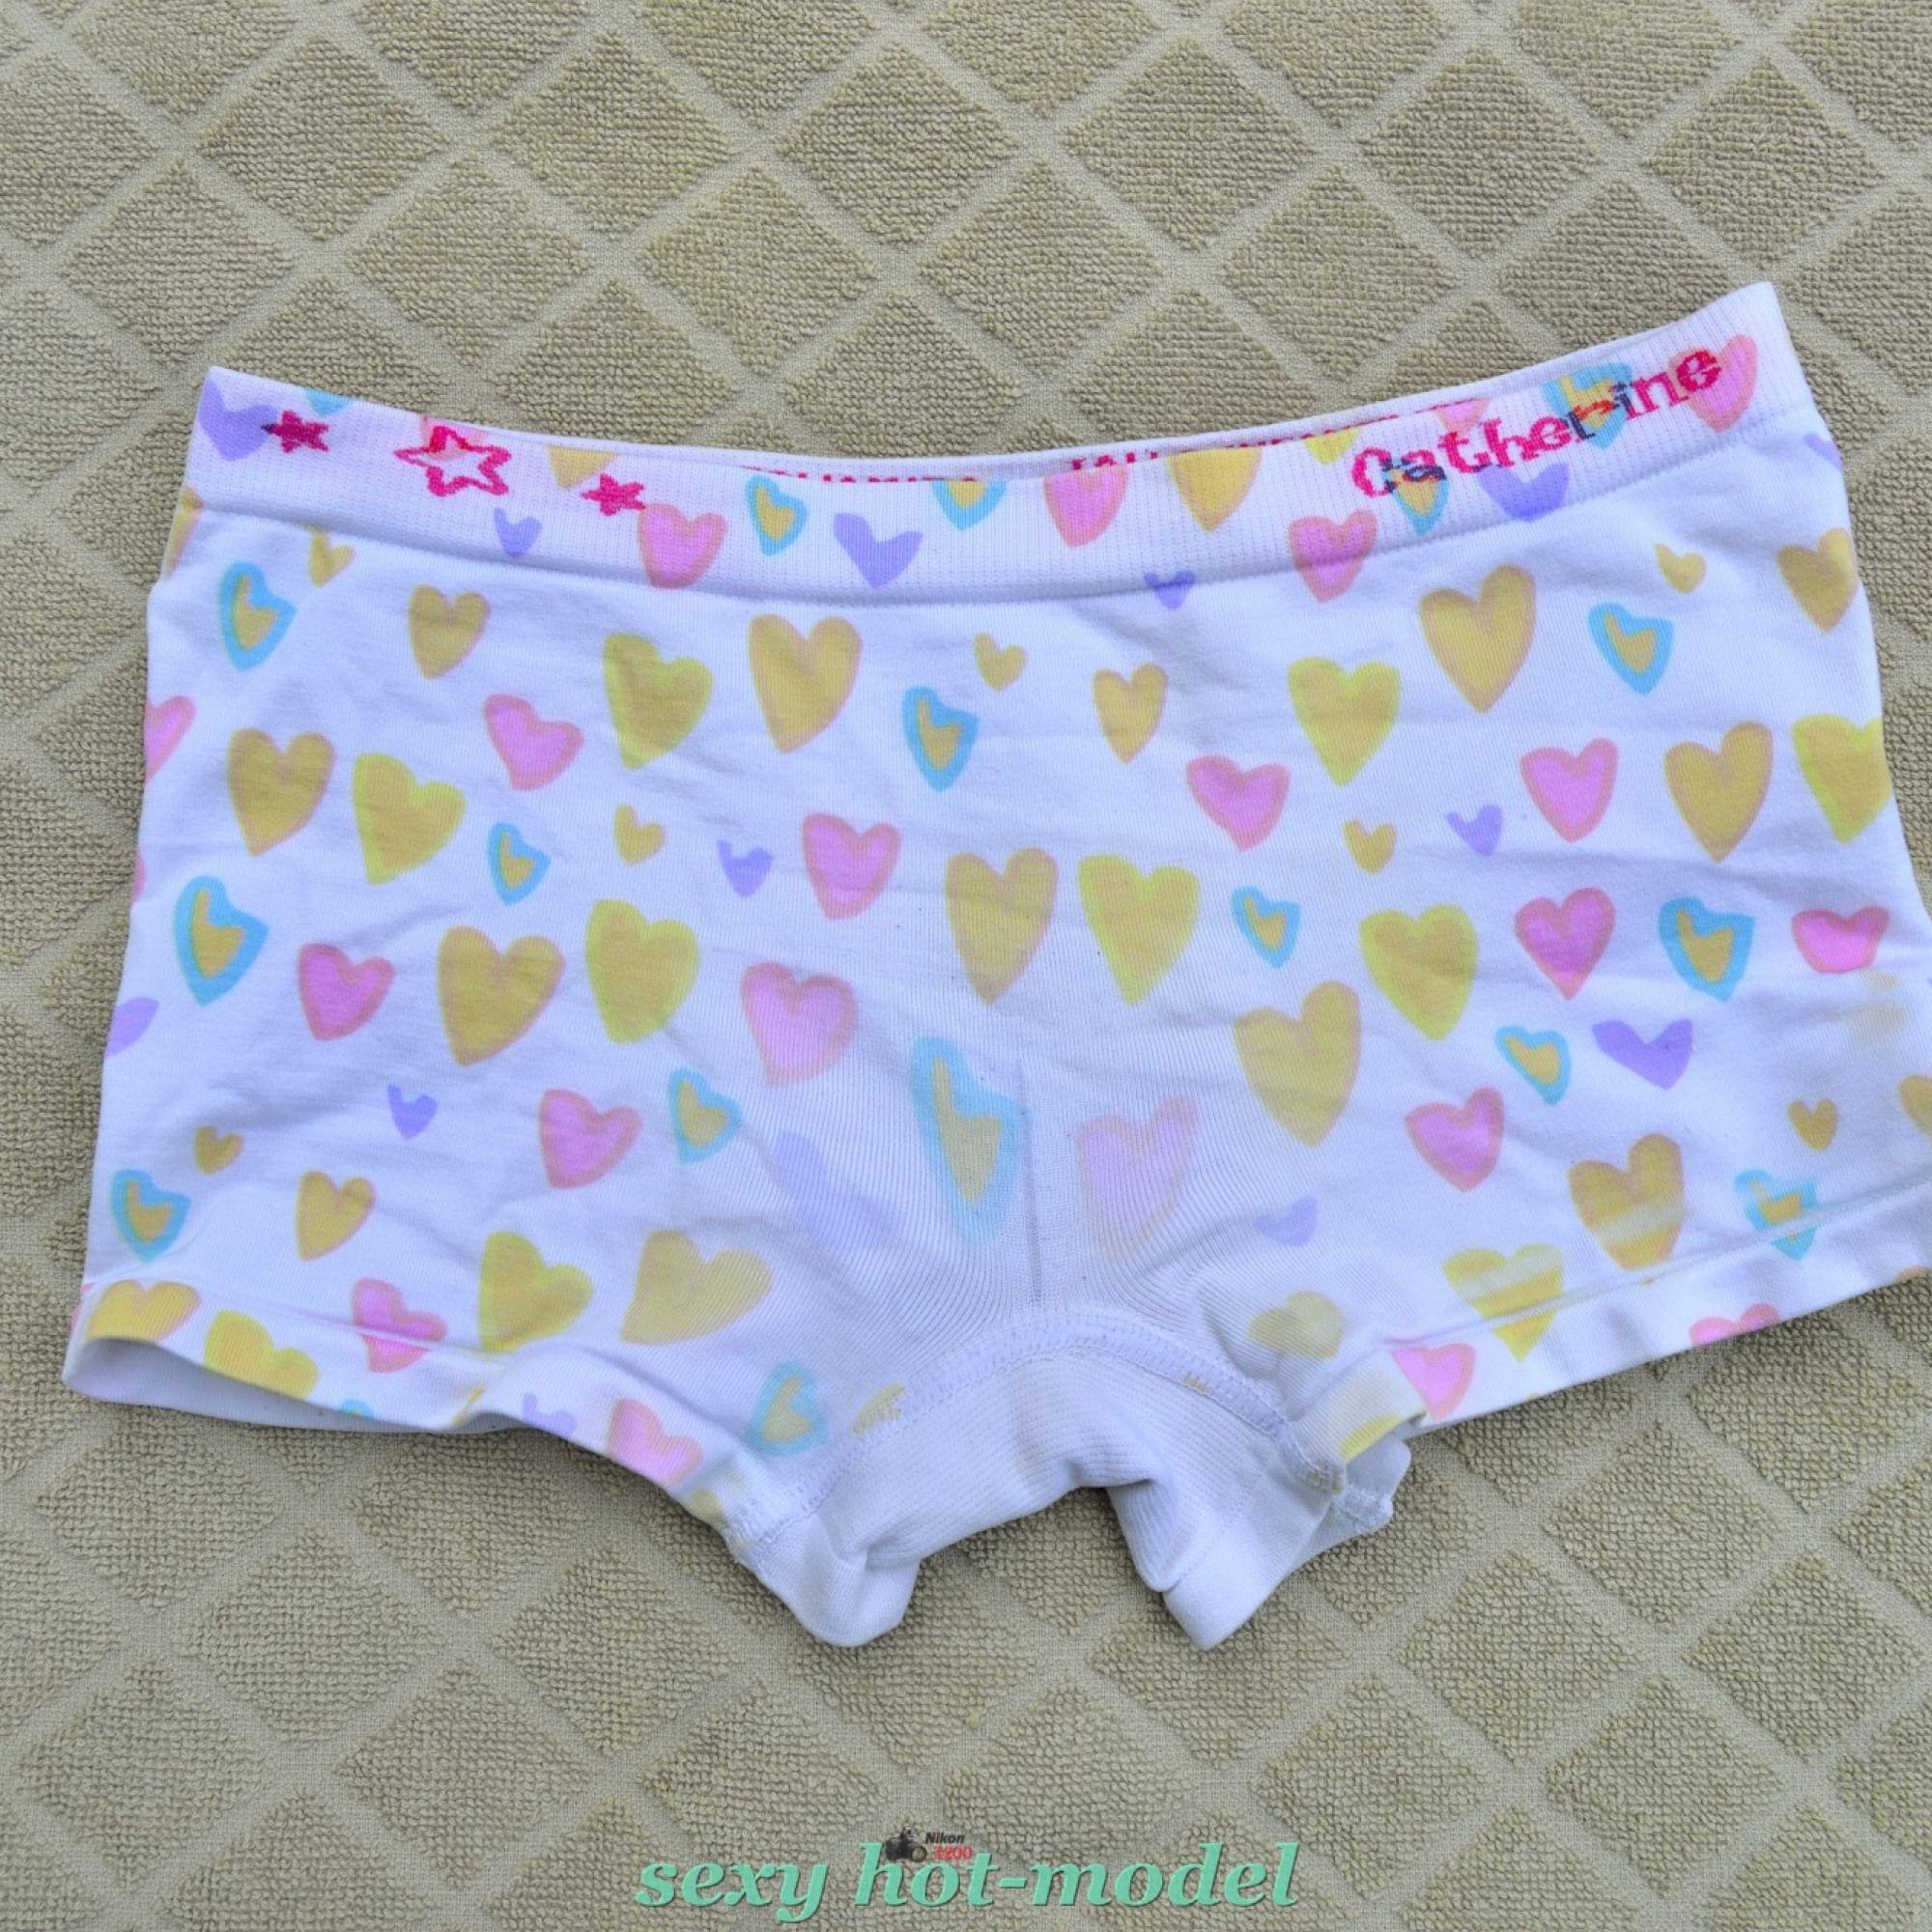 1325b6d7e4 estos bonitos boxers ropa interior de niña me los encontre tirados en algun  crucero de una